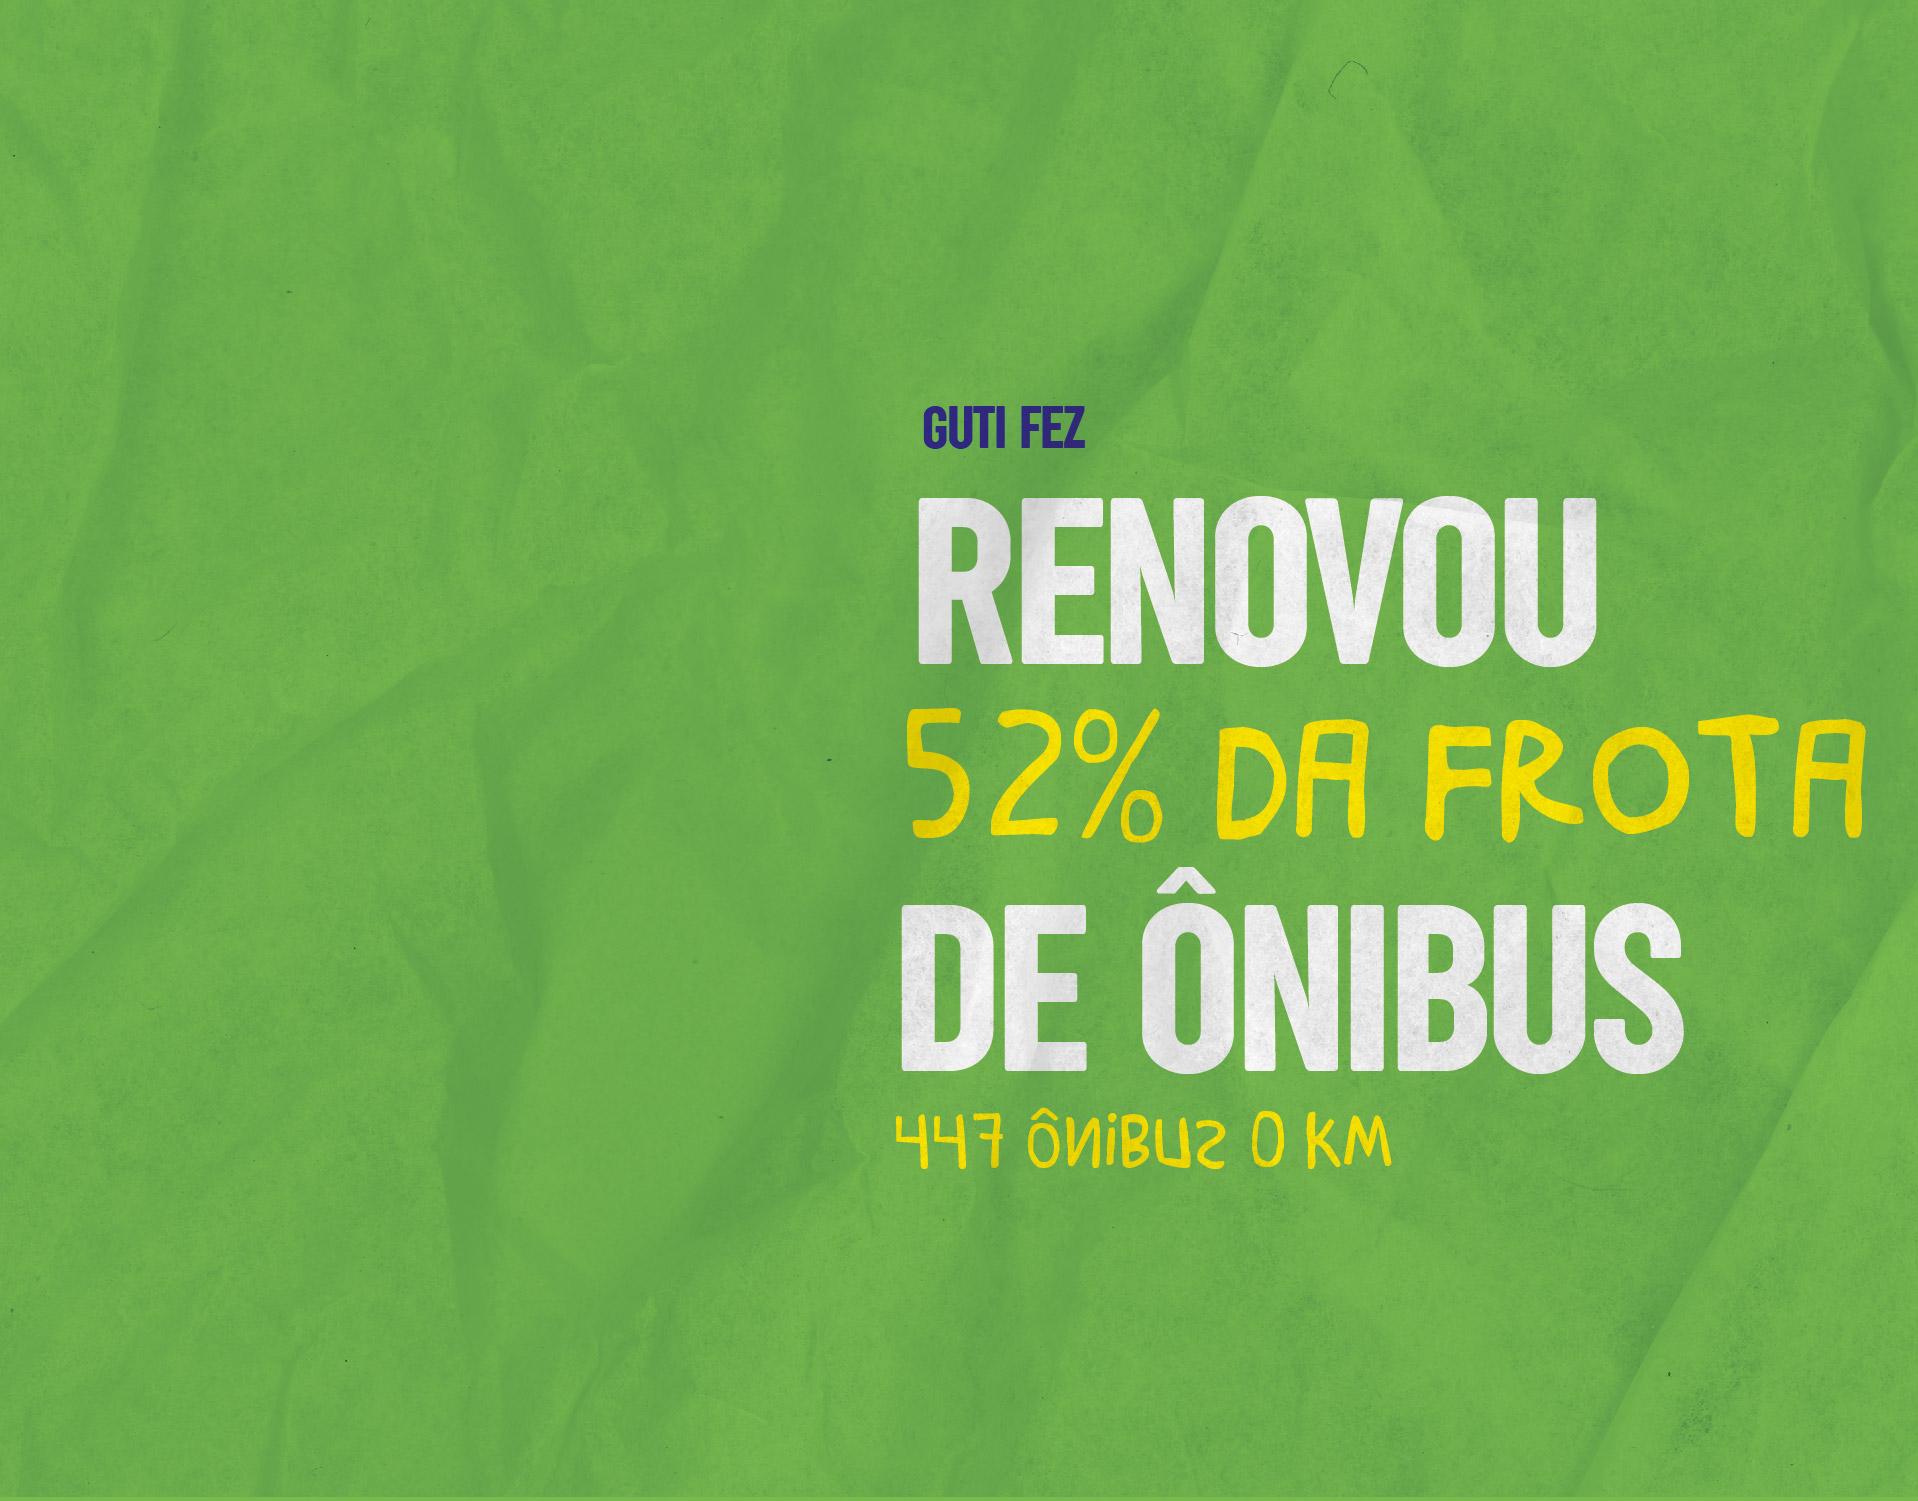 Renovou 52% da frota de ônibus - 447 ônibus 0 kM